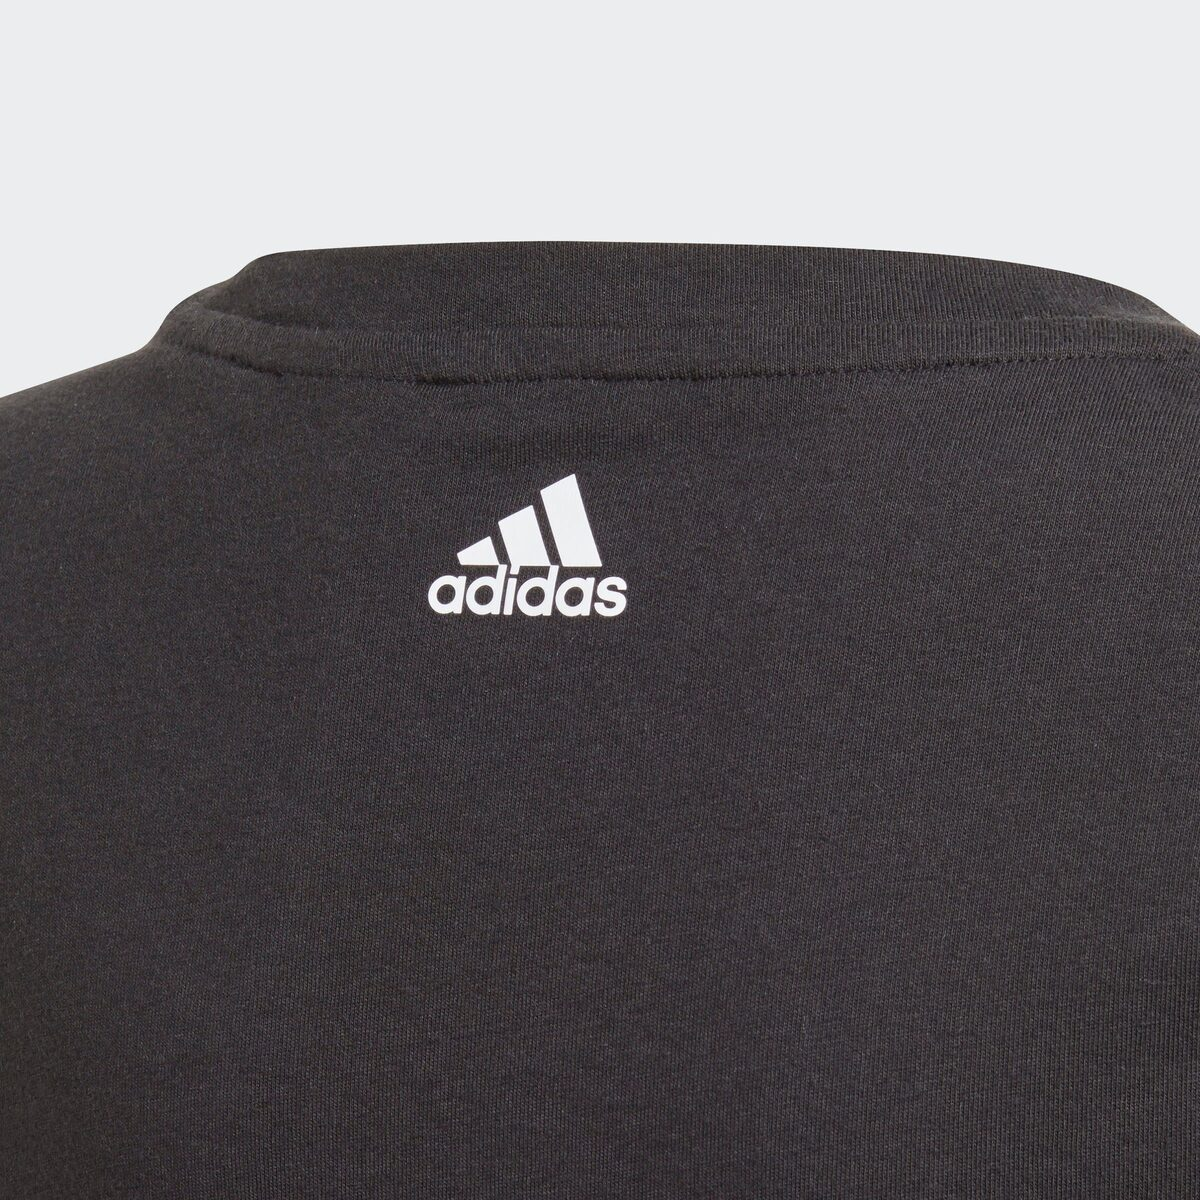 Bild 3 von adidas Performance Trainingsshirt »ADIDAS GIRLS ESSENTIALS LOGO TEE«